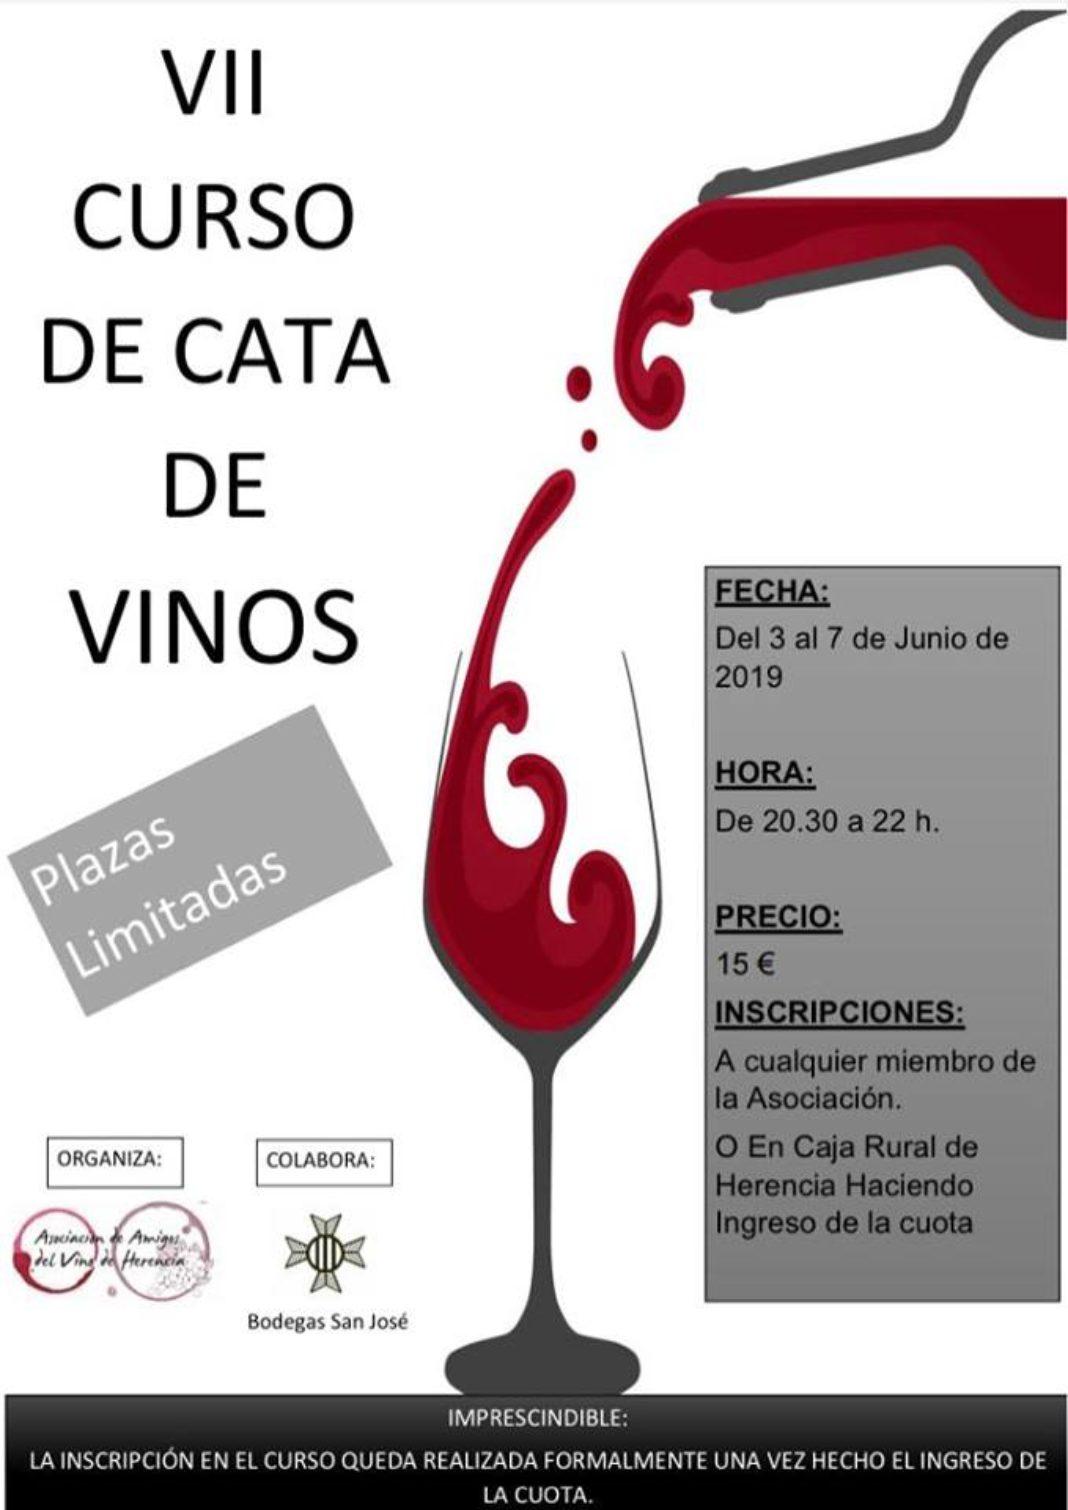 Curso Cata de Vinos 1068x1510 - Amigos del Vino de Herencia organizan su séptimo curso de cata de vinos